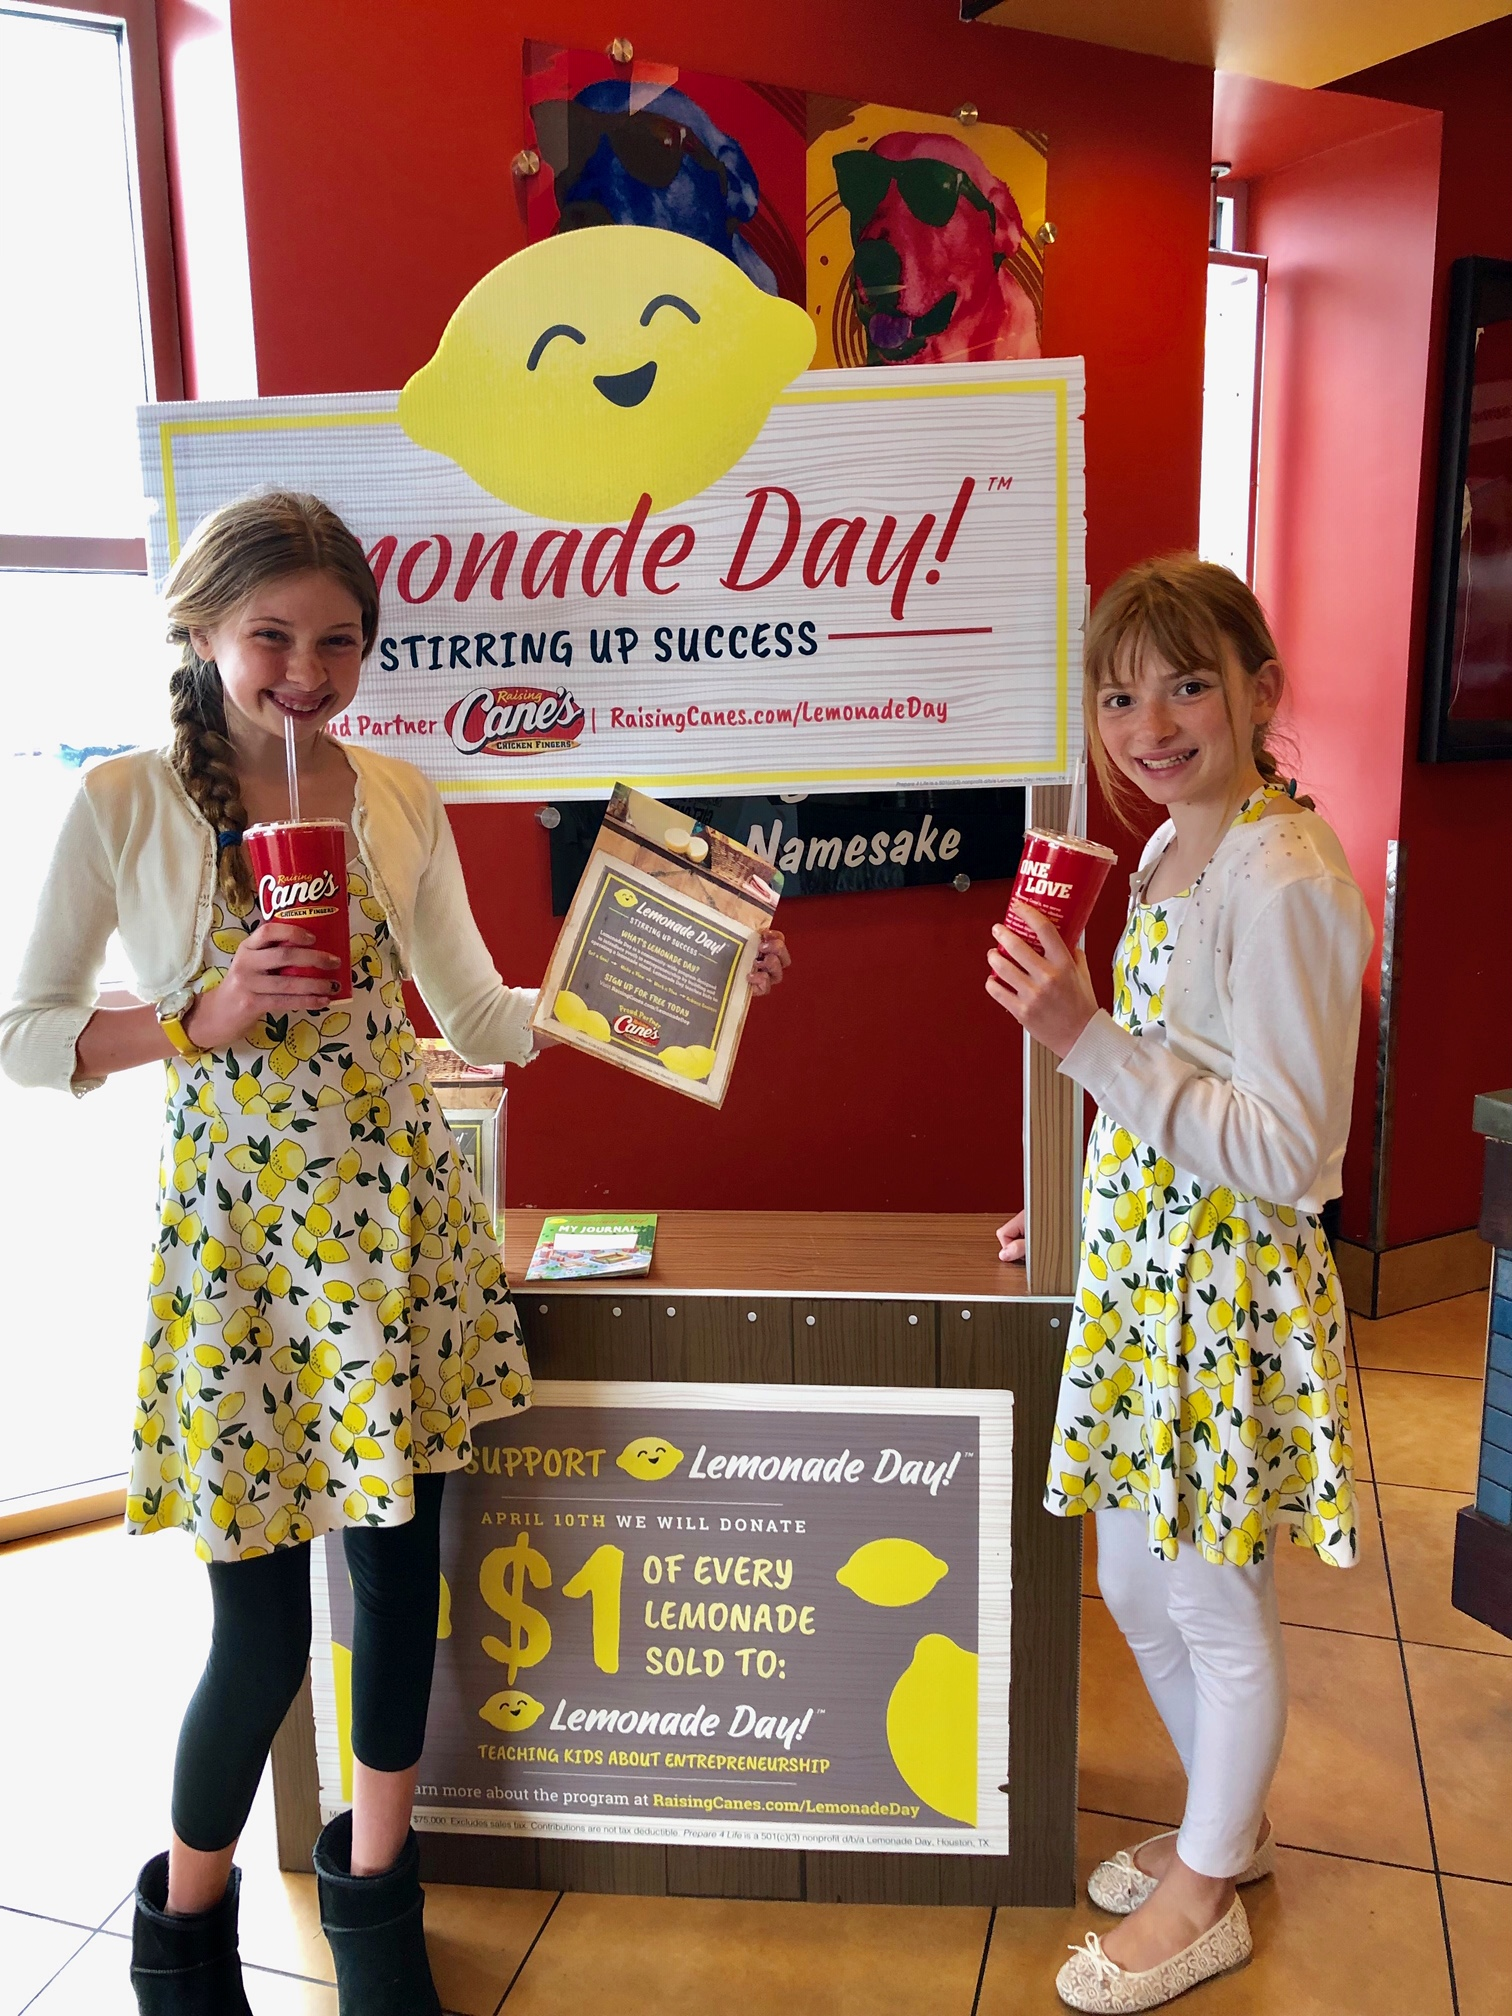 canes lemonade day fundraiser.JPG